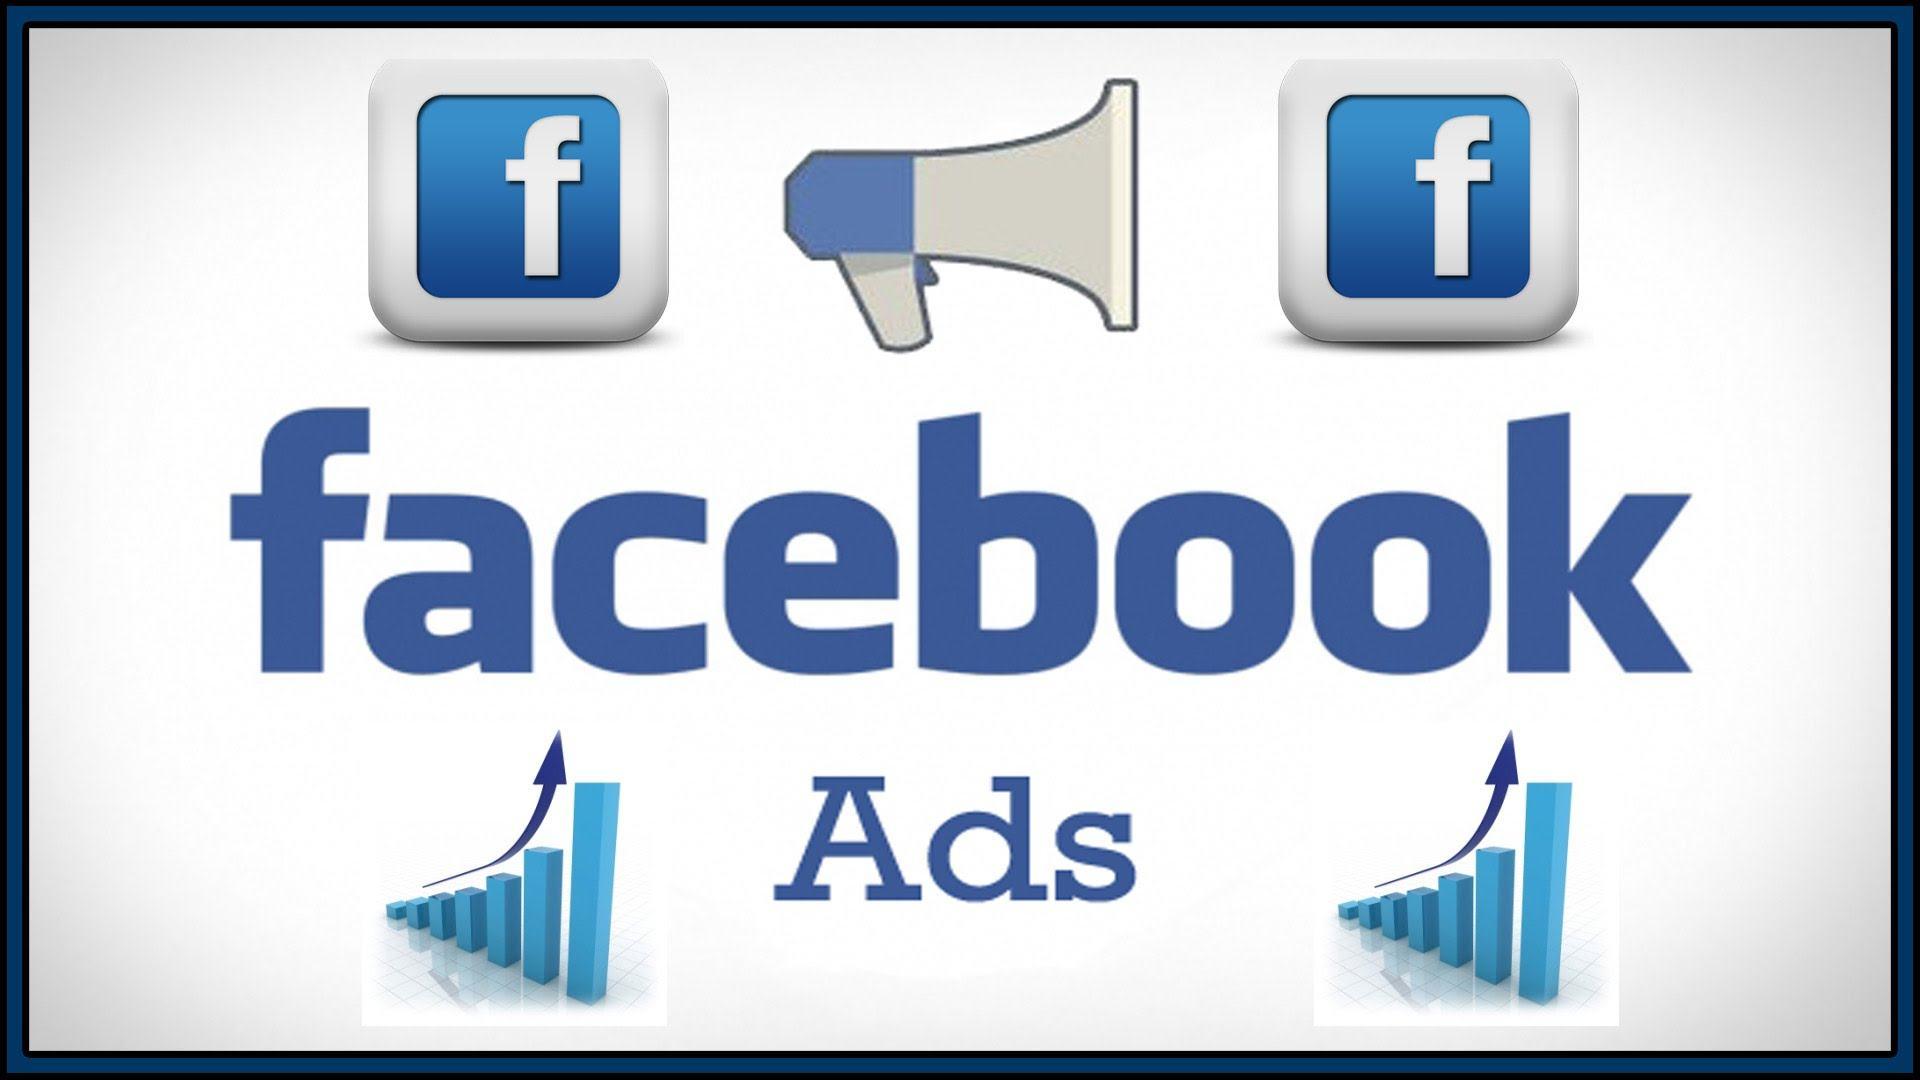 5b2b2a70287a2 maxresdefault - Cách chạy quảng cáo quảng cáo Facebook hiệu quả - Tối ưu chi phí ADS